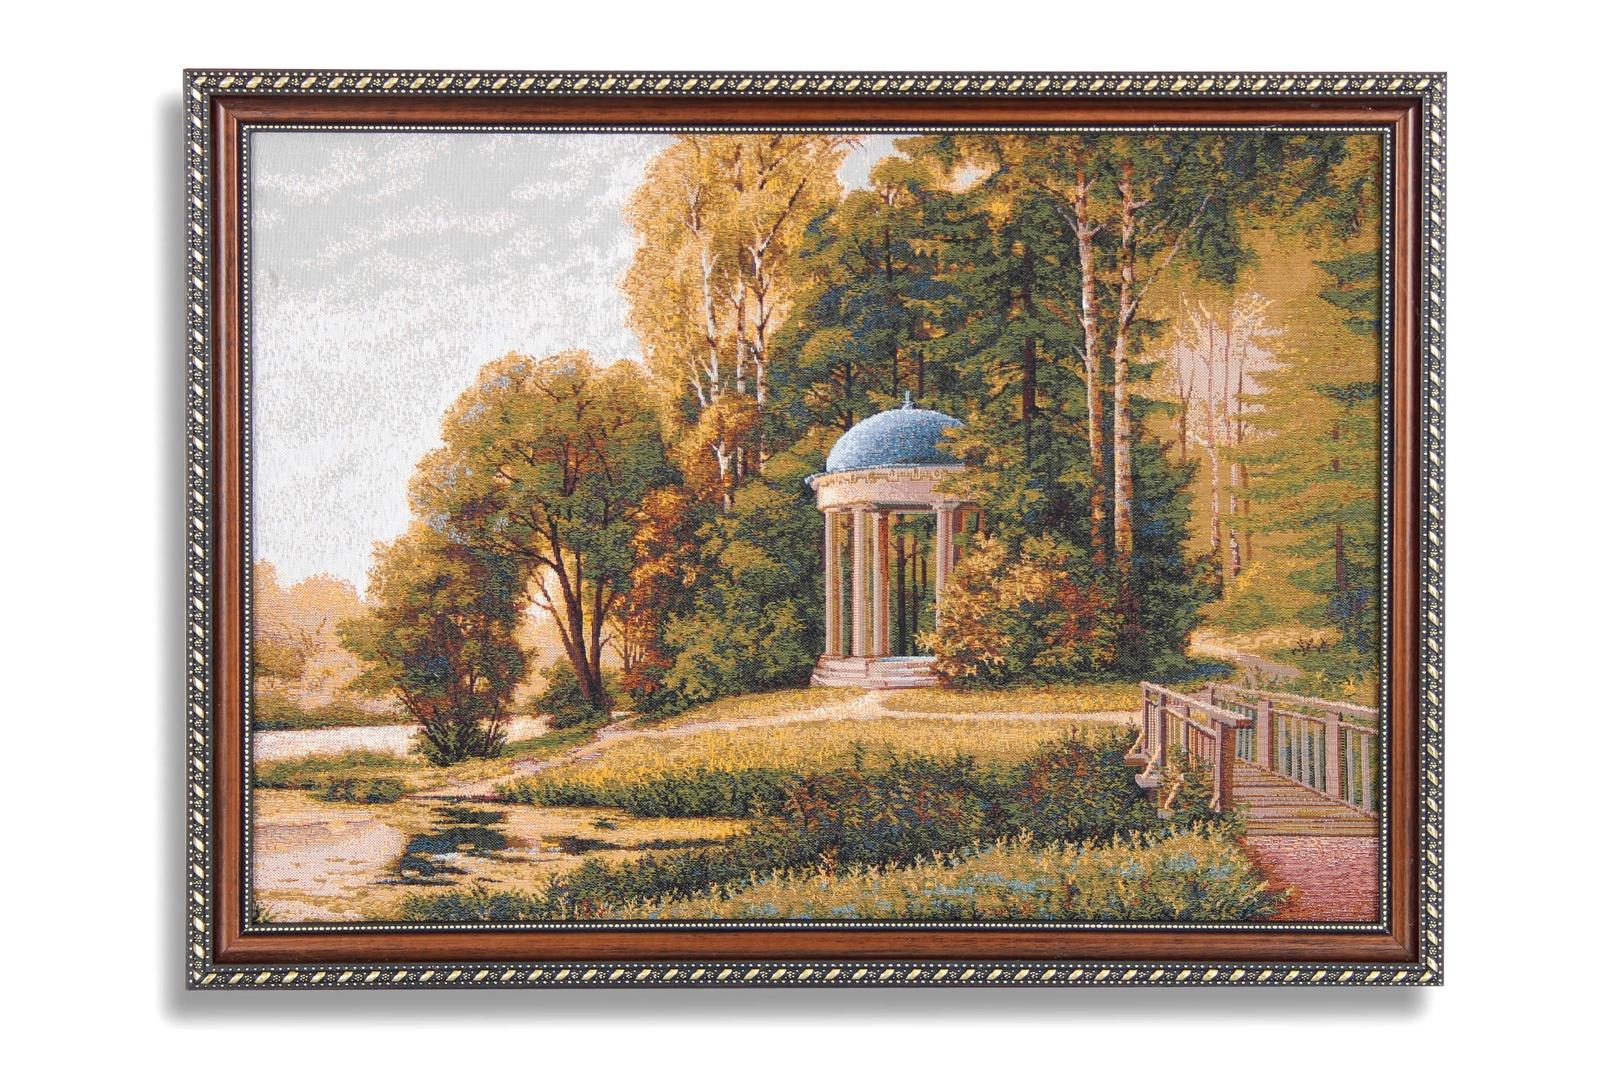 Картина Магазин гобеленов беседка осень, Гобелен беседка дачная мария